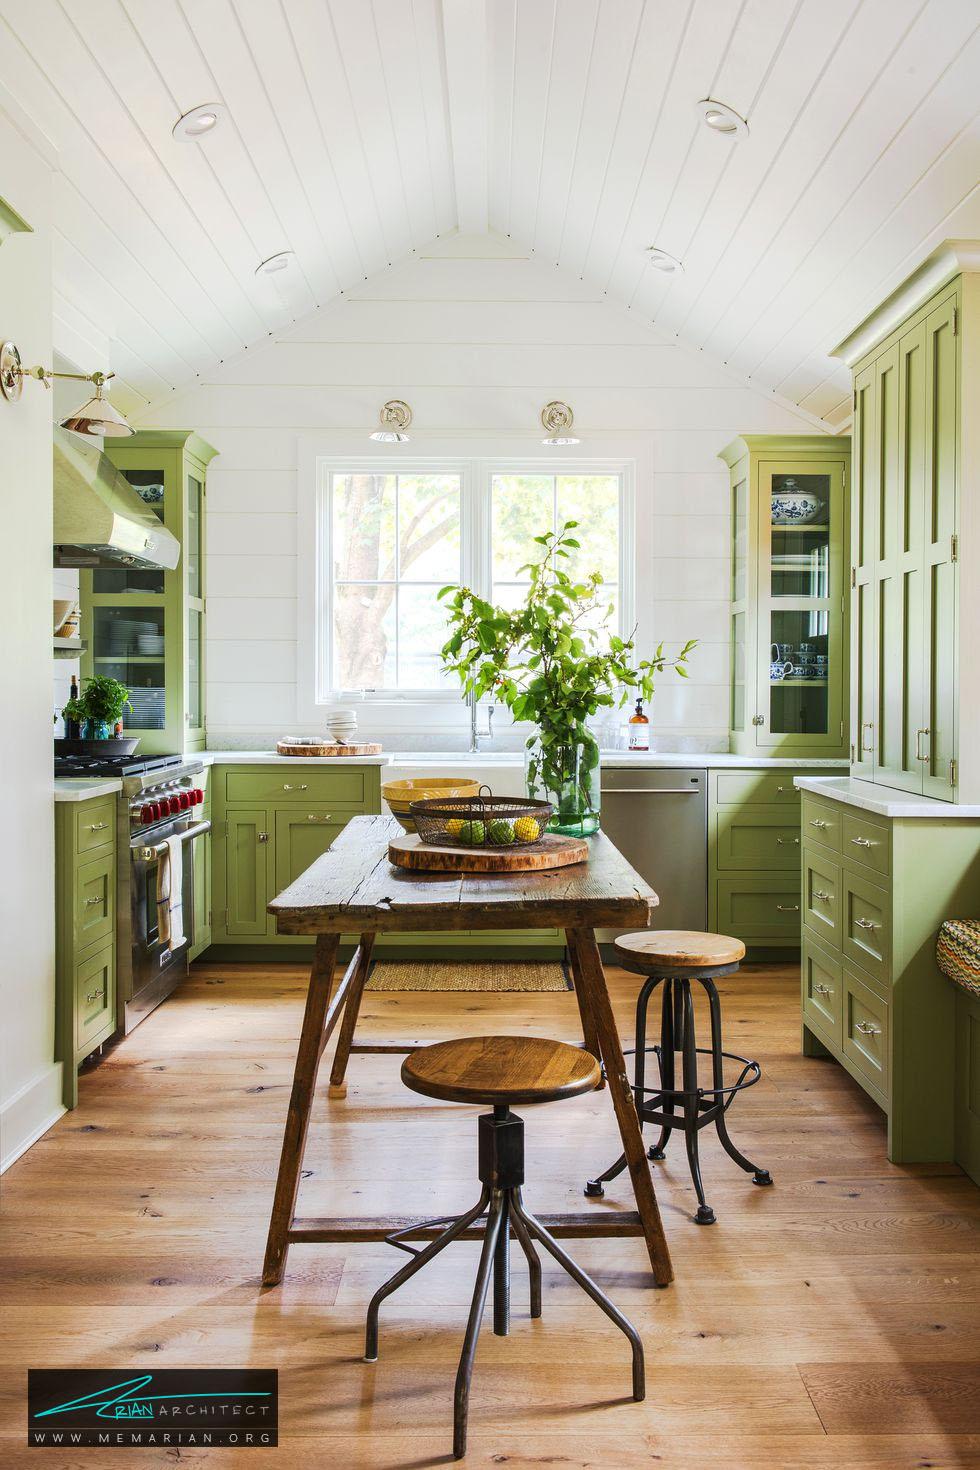 میز بلند در دکوراسیون آشپزخانه - 20 ایده جذاب برای دکوراسیون آشپزخانه